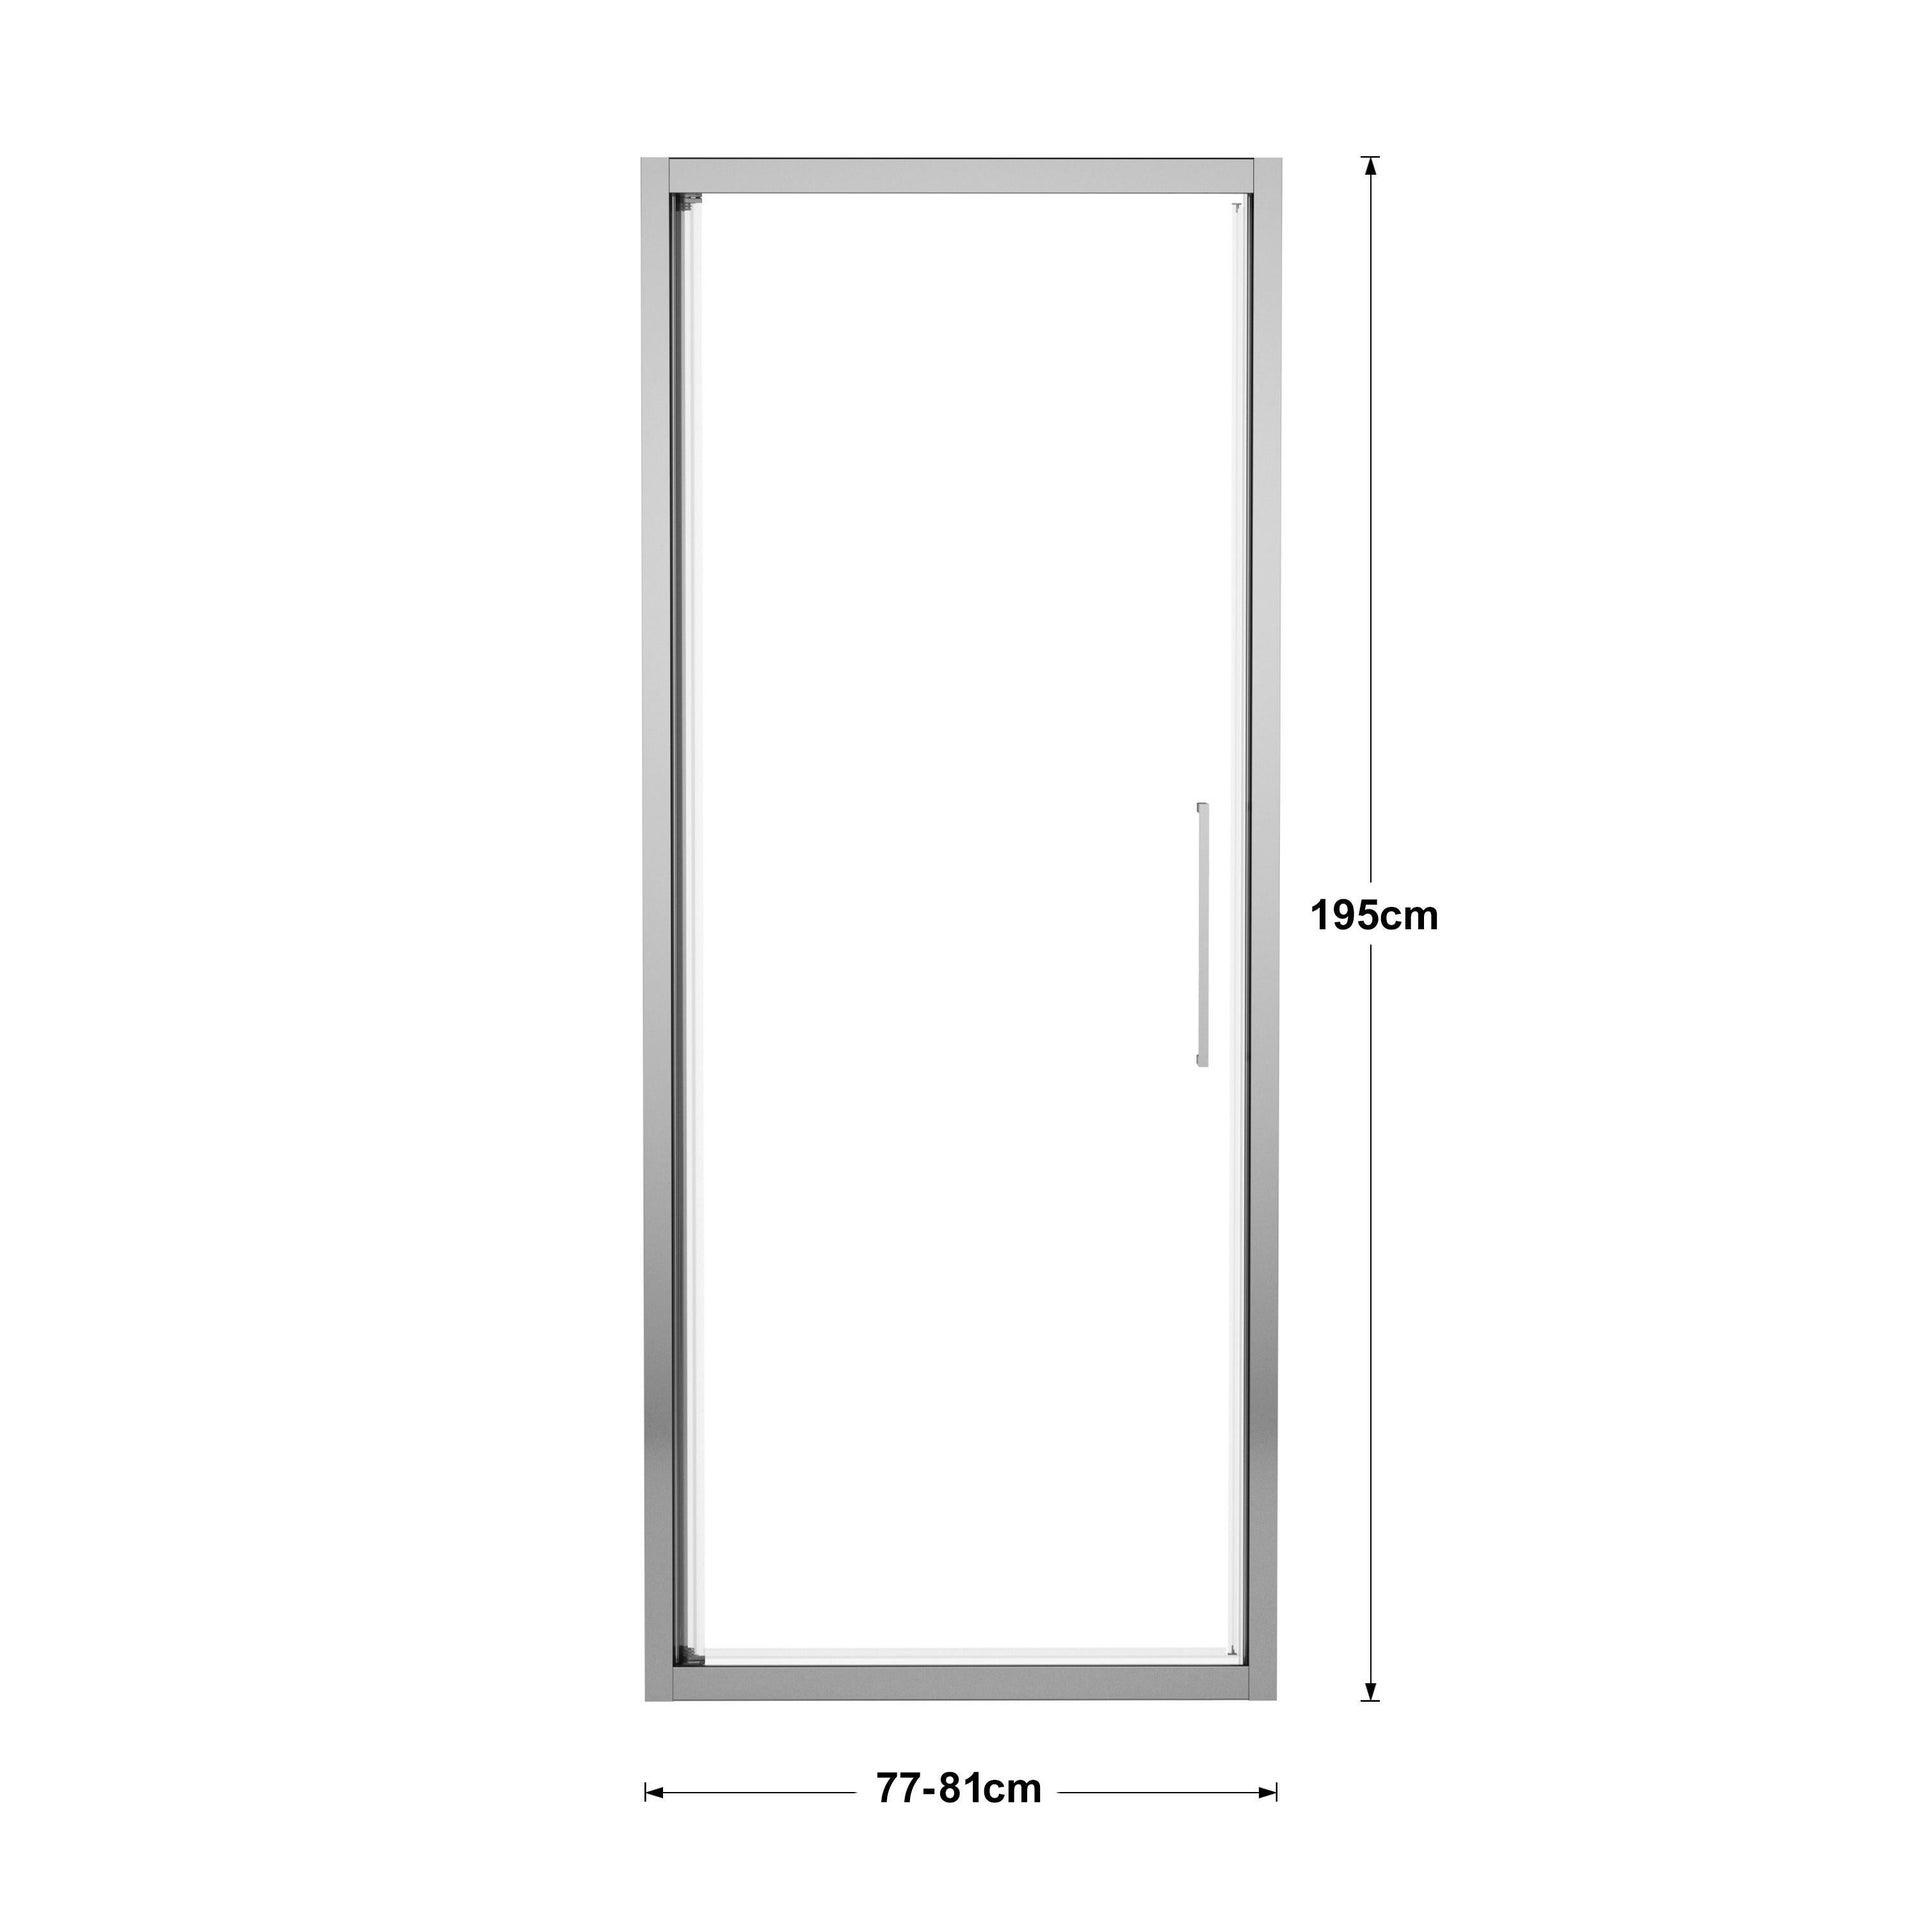 Porta doccia battente Record 77 cm, H 195 cm in vetro temprato, spessore 6 mm trasparente silver - 4